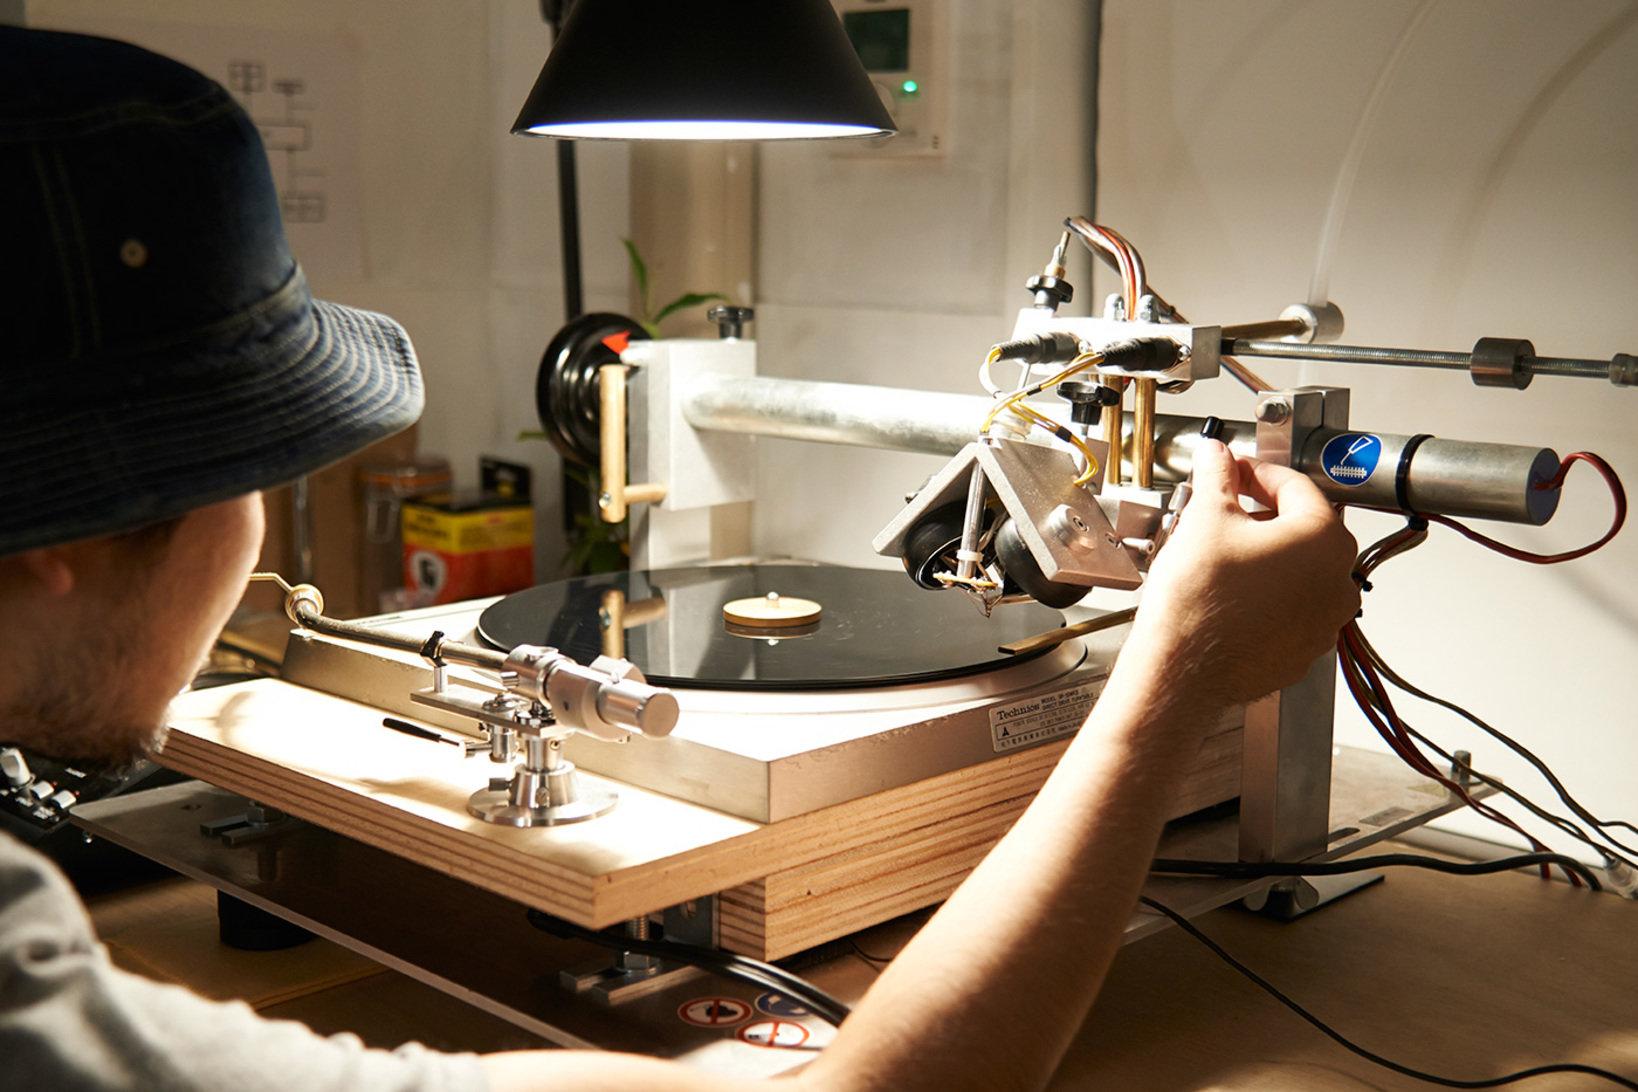 入稿された音源はレコードへの最適化作業を行いカッティング。塩化ビニール製のCUT&RECのレコード盤は、市販のレコードとほぼ同等の品質を誇り、DJプレイはもちろんスクラッチへの耐久性にも優れています。